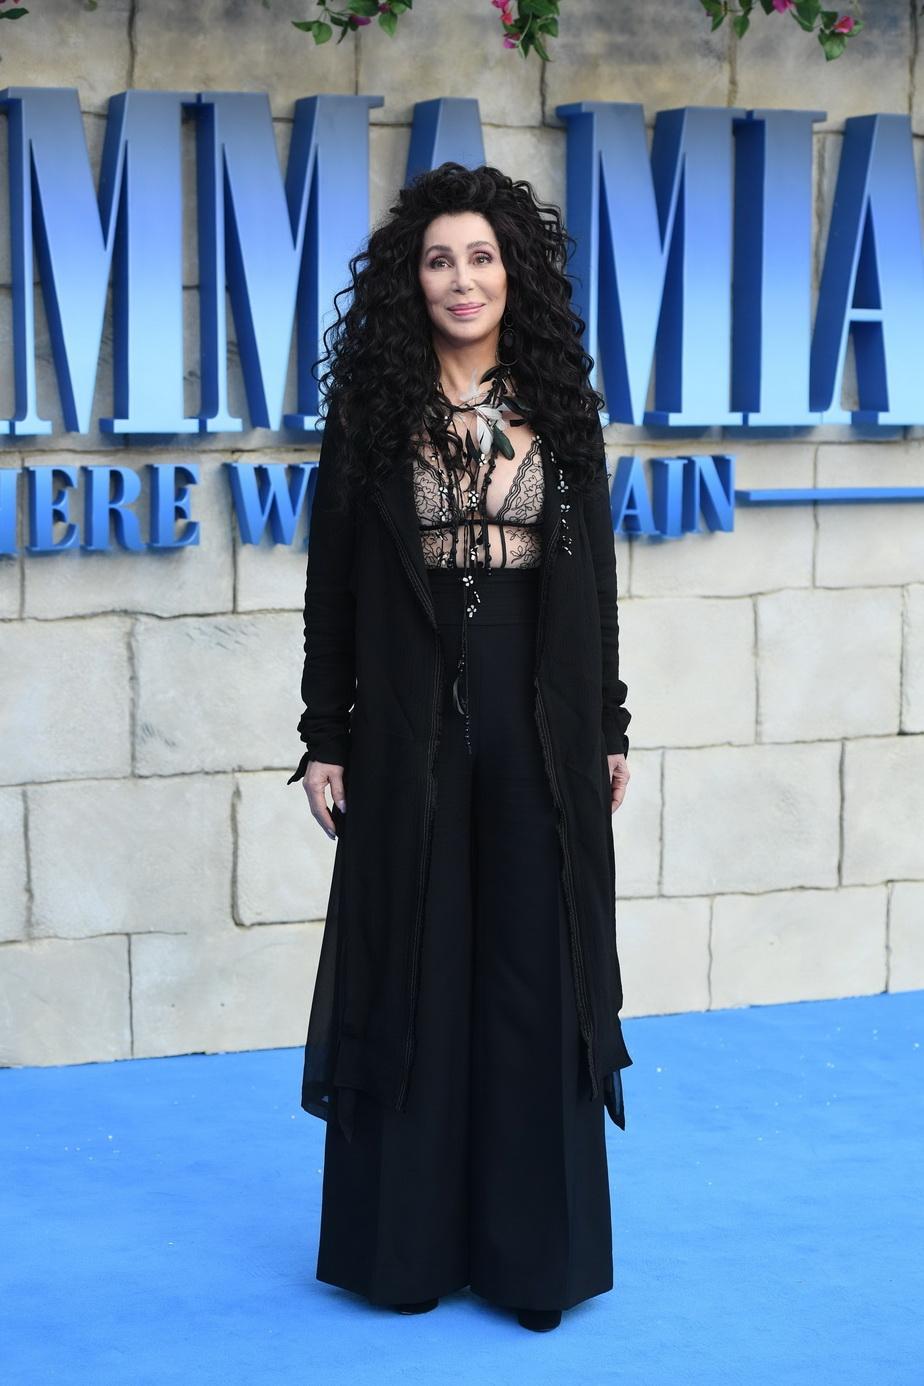 Cher contrazice tot ce se știa până acum despre bătrânețe! E uluitor cum arată la 72 de ani!